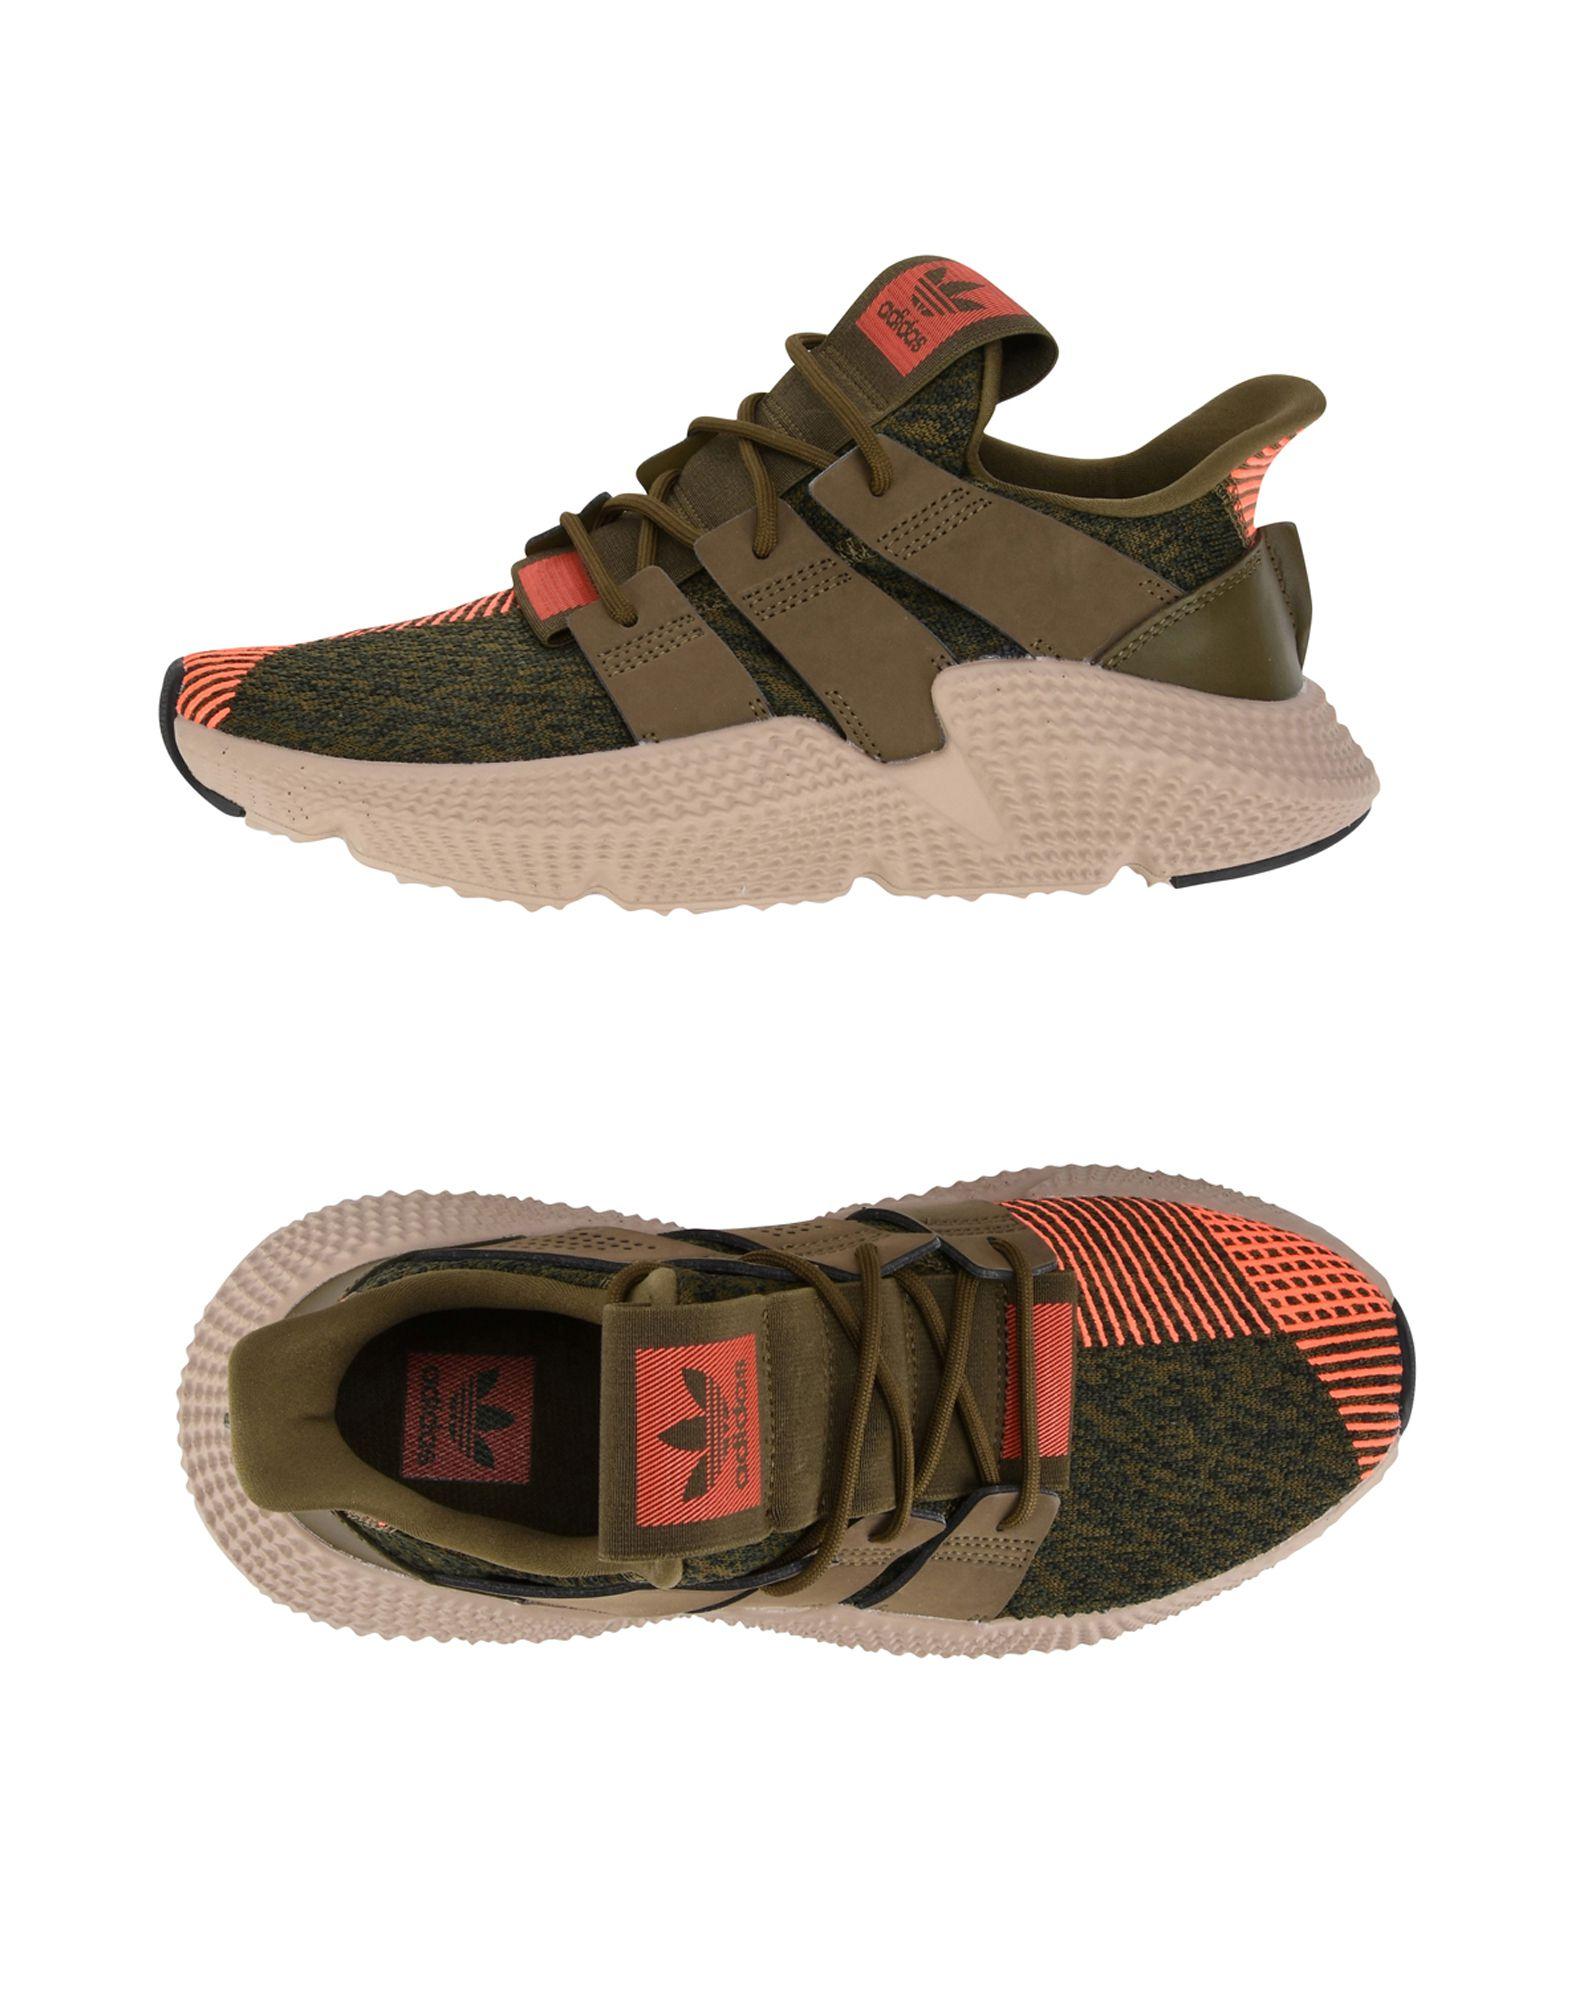 Zapatillas Adidas Originals Prophere - Zapatillas Hombre - Zapatillas - Adidas Originals  Plomo d6c81b